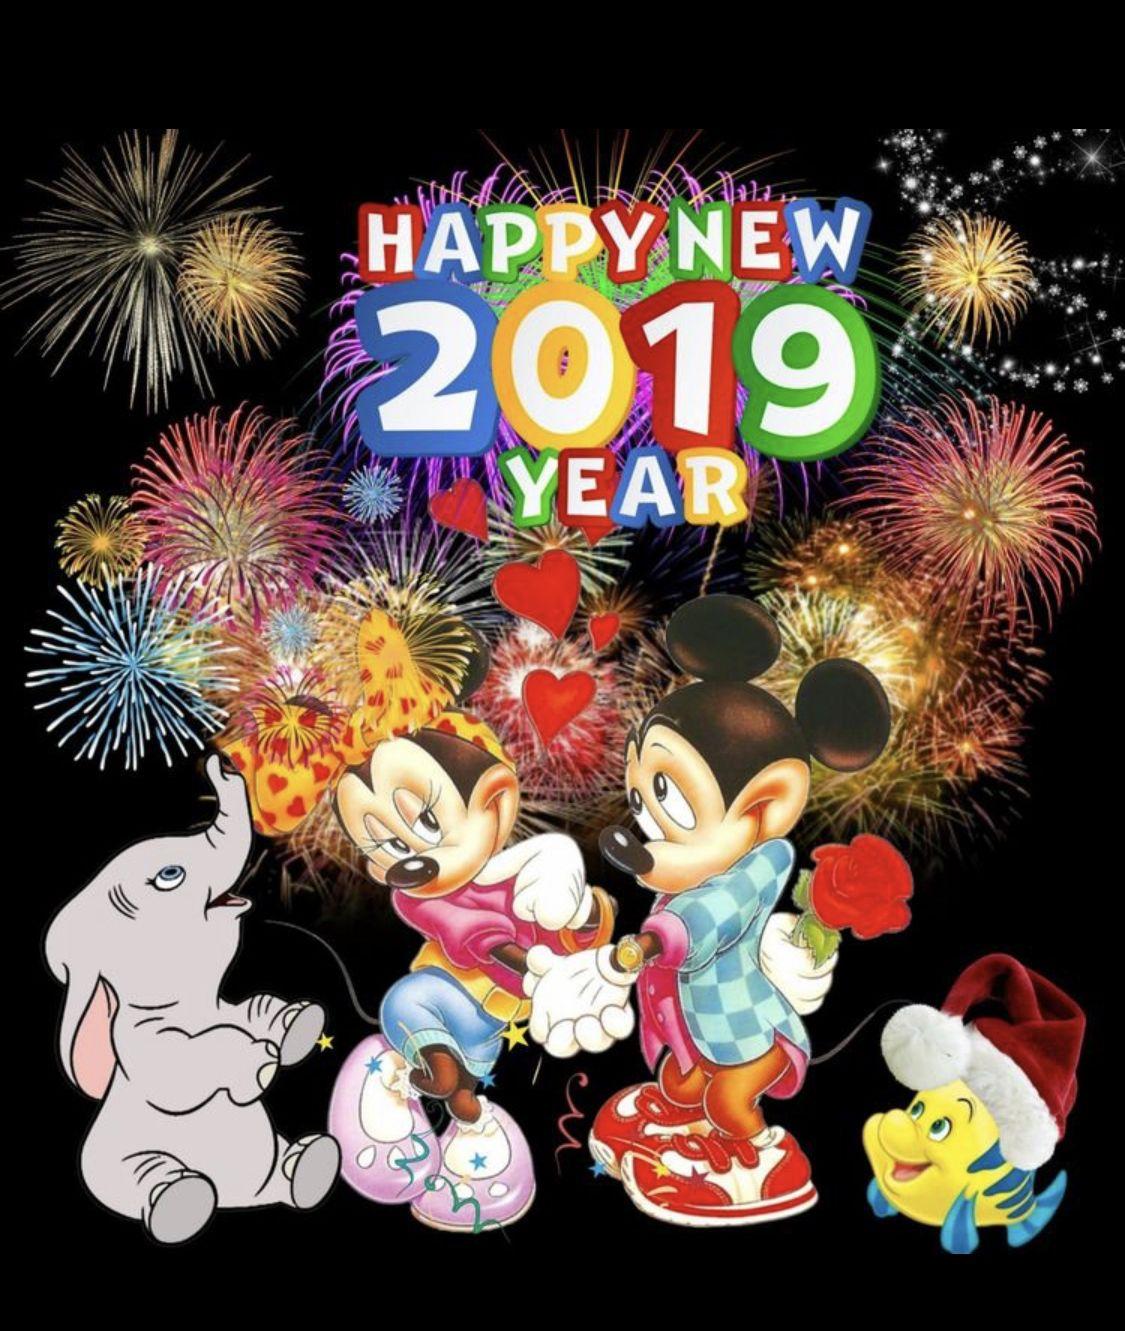 Happy New Year Disney happy new year, Mickey christmas